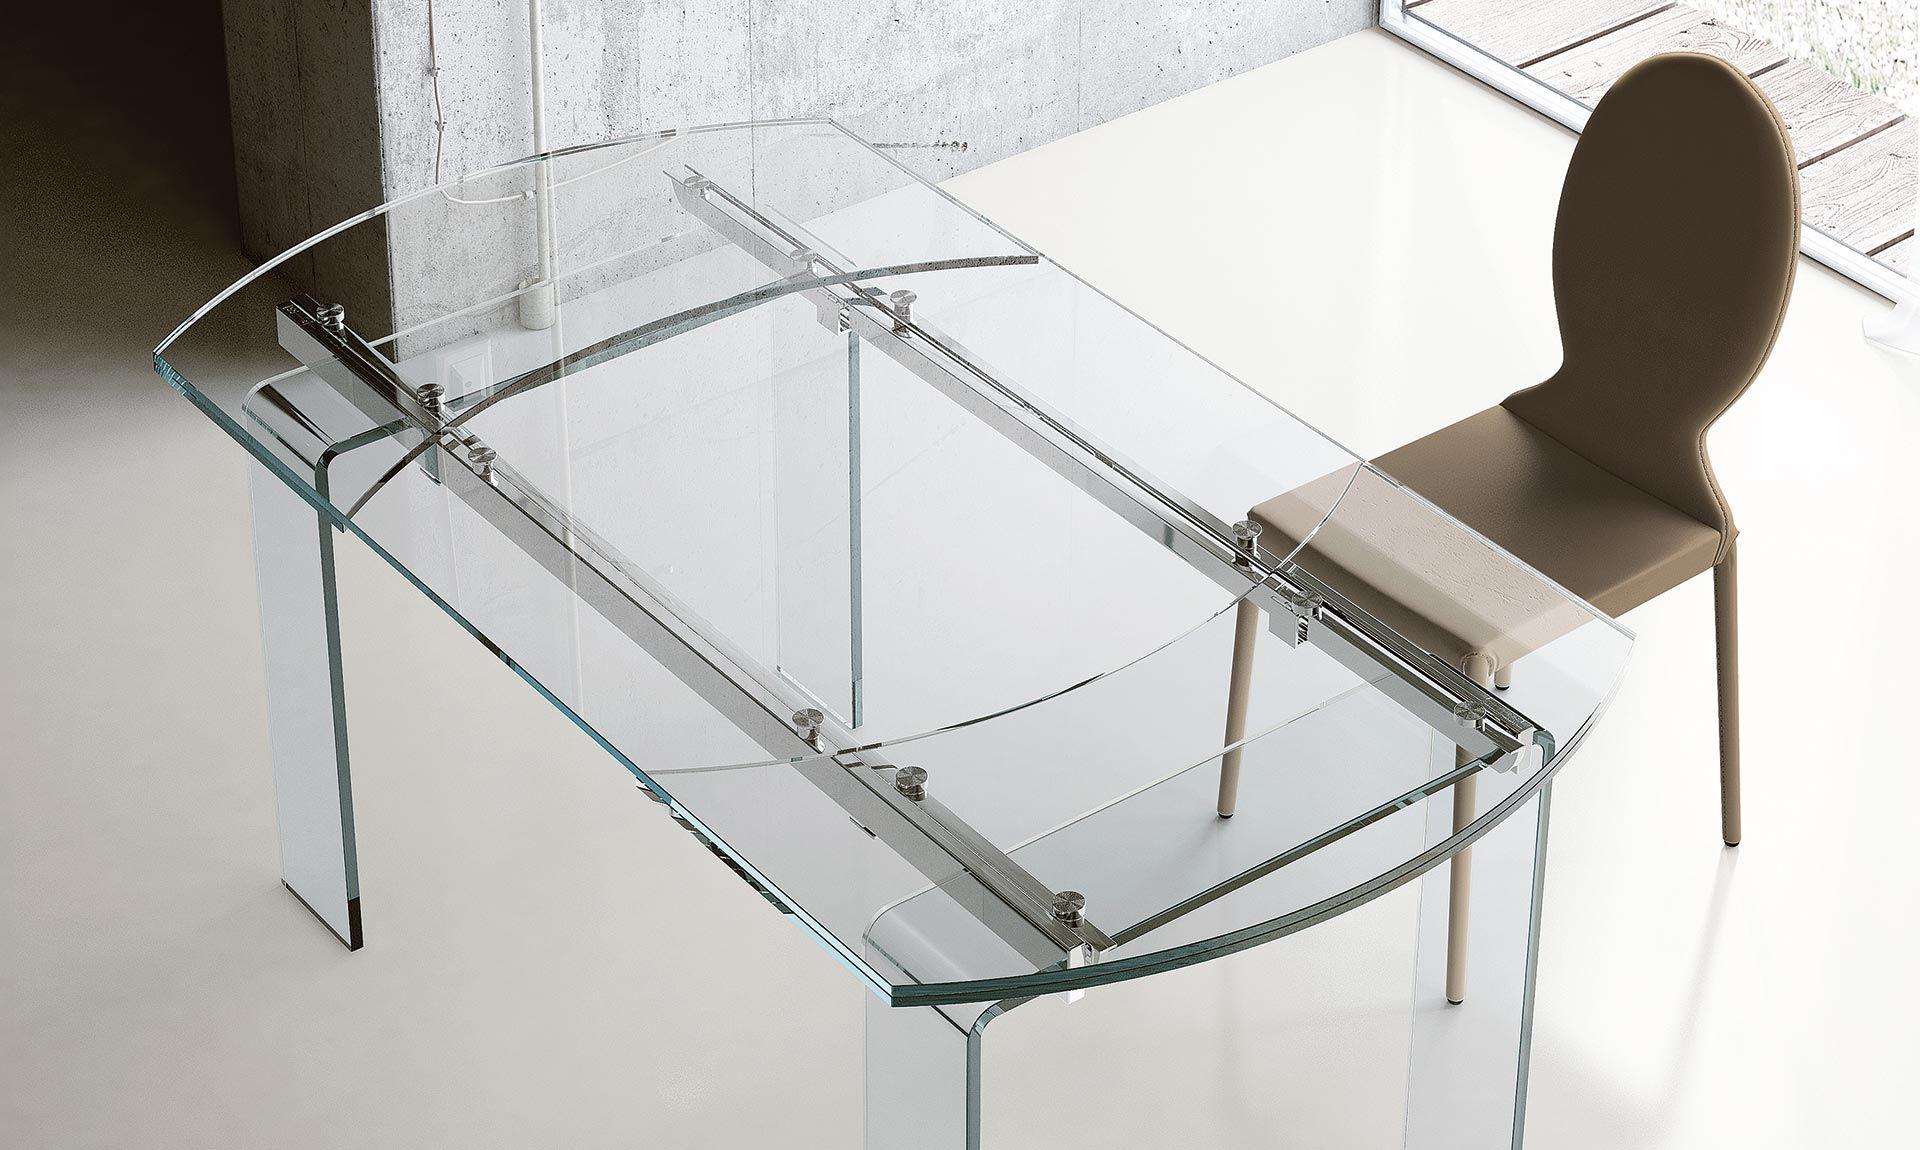 Tavolo Cristallo In Vetro.Tavolo Ovale Allungabile In Vetro Lord Tavolo Ovale